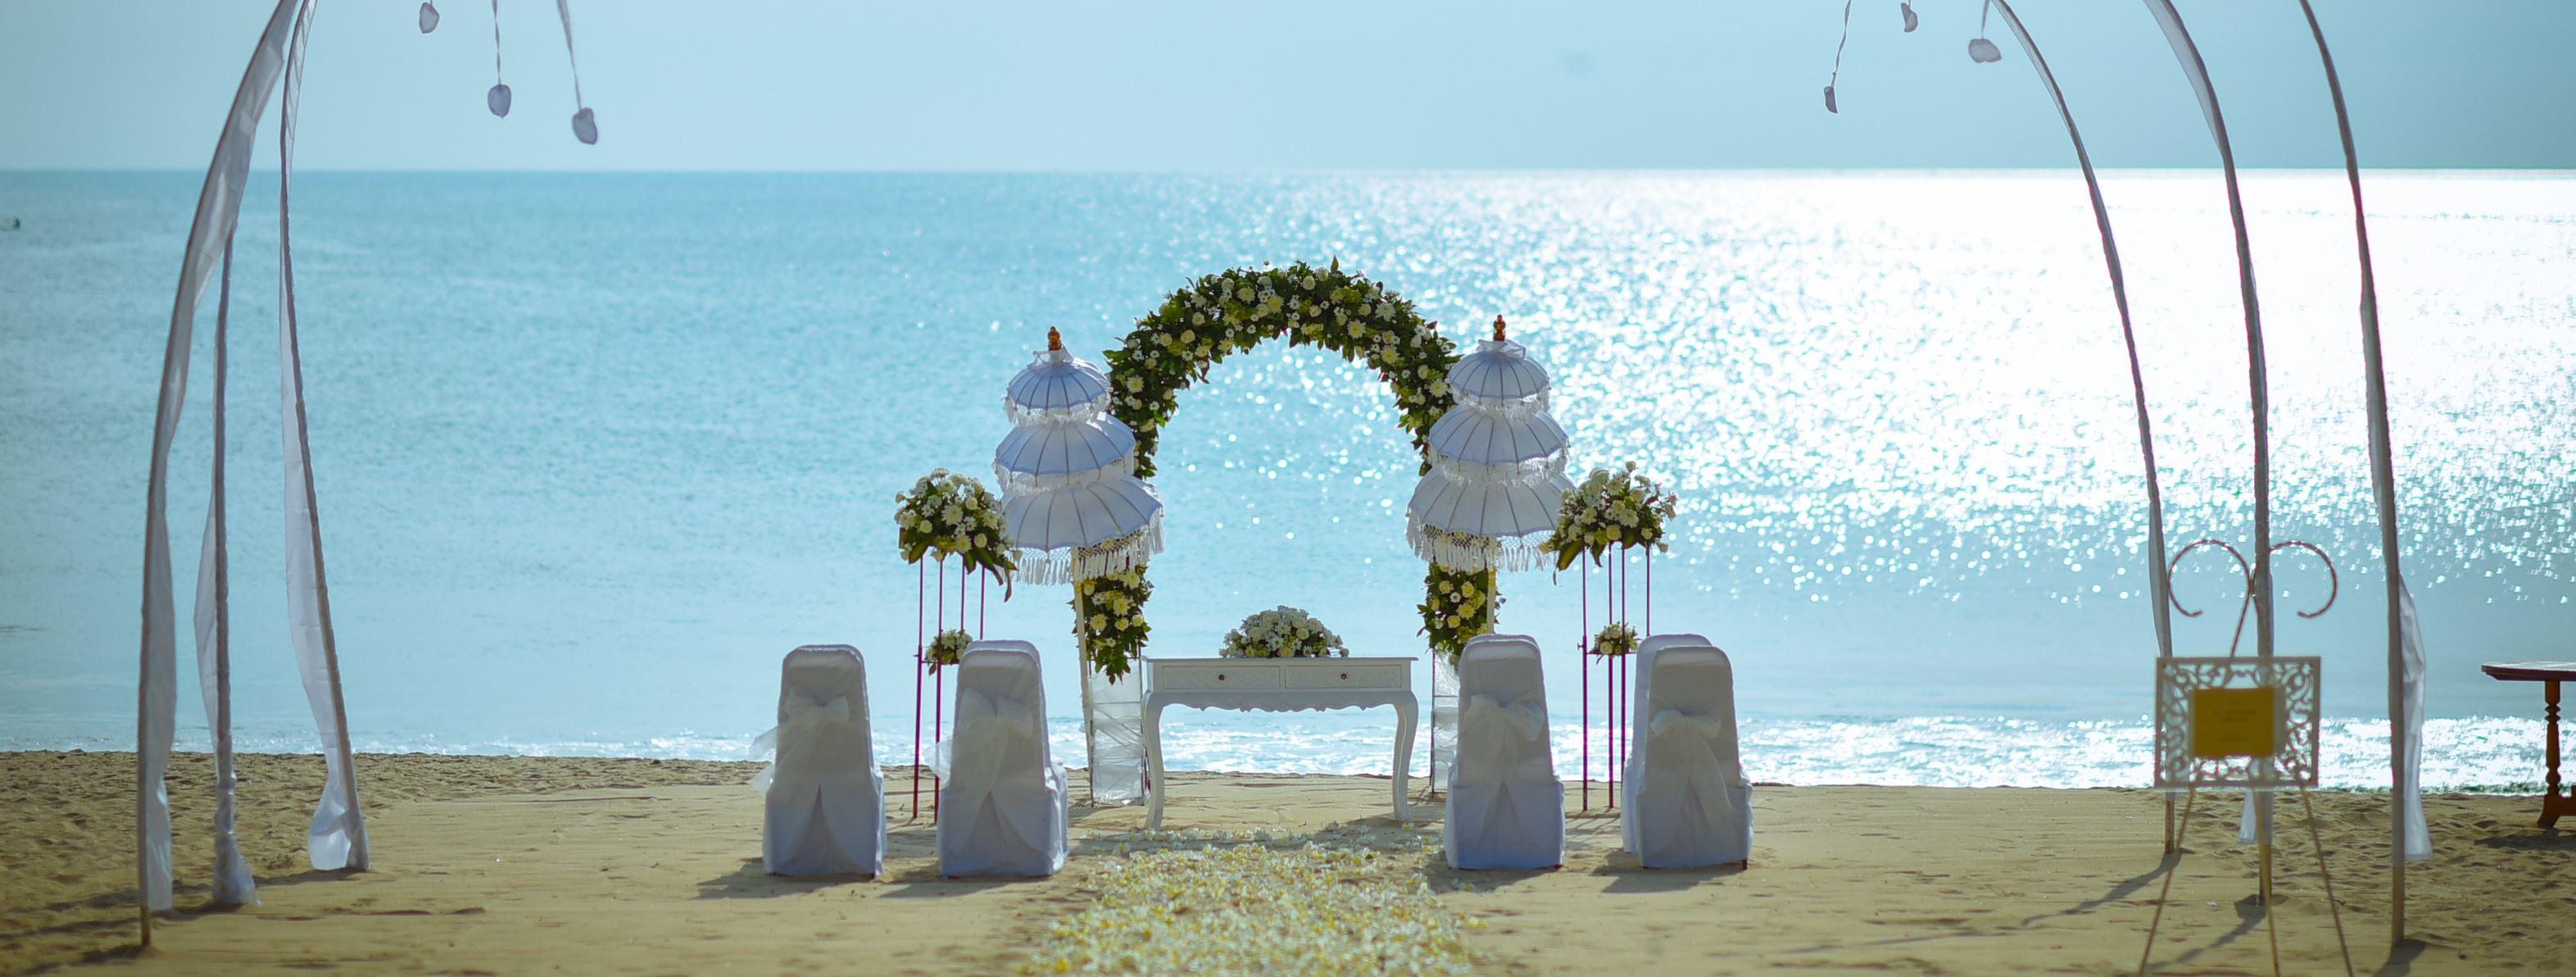 Keraton Jimbaran Beach Resortクラトン・ジンバラン・リゾート&スパ